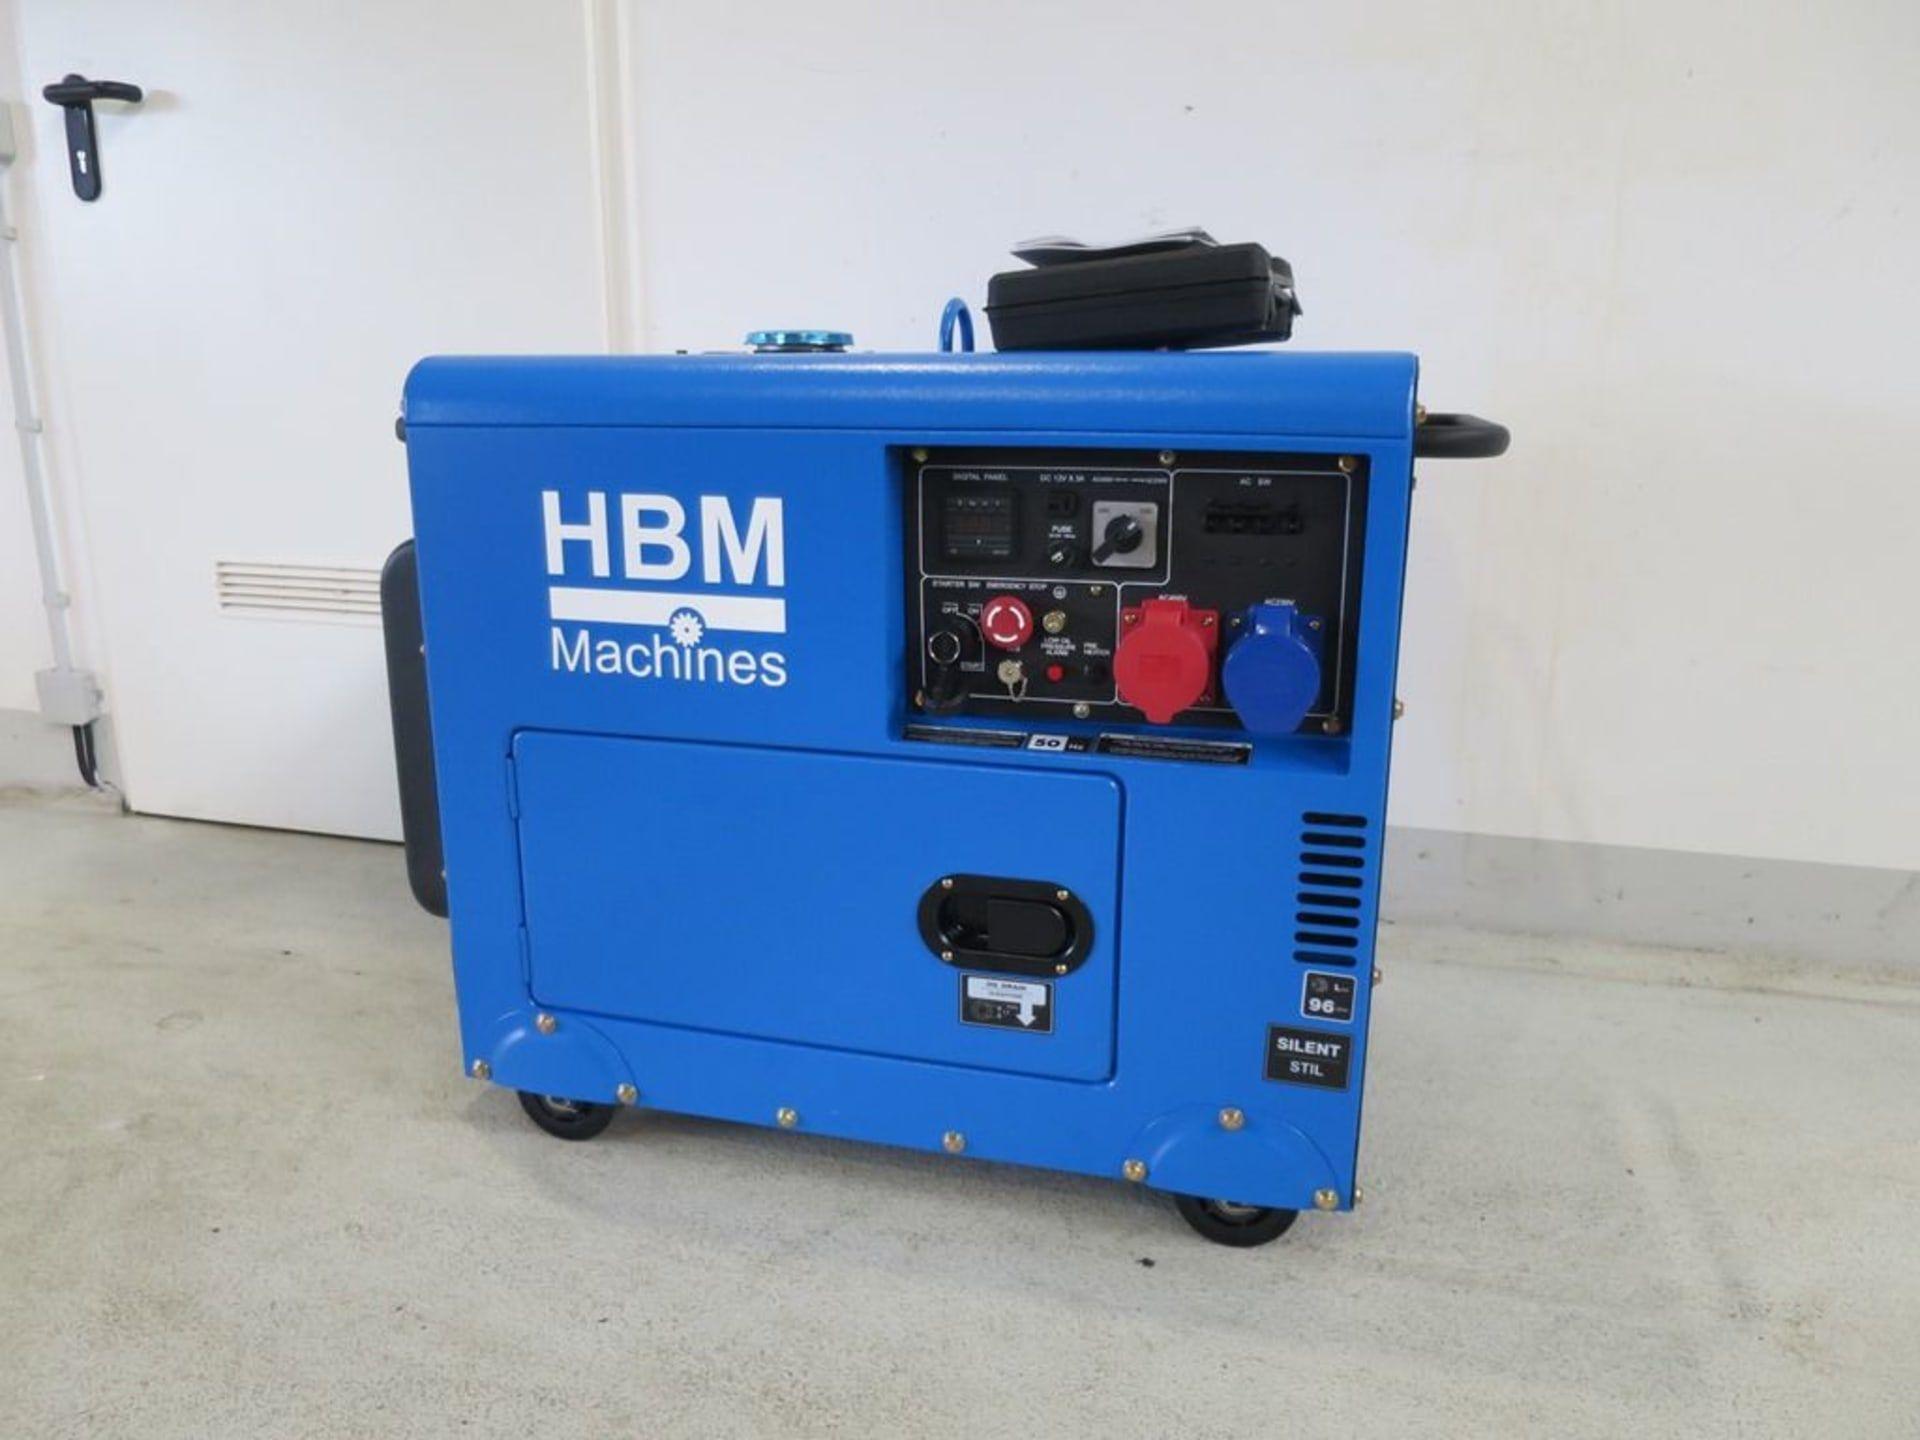 HBM HBM 7900 Dizel Jeneratör